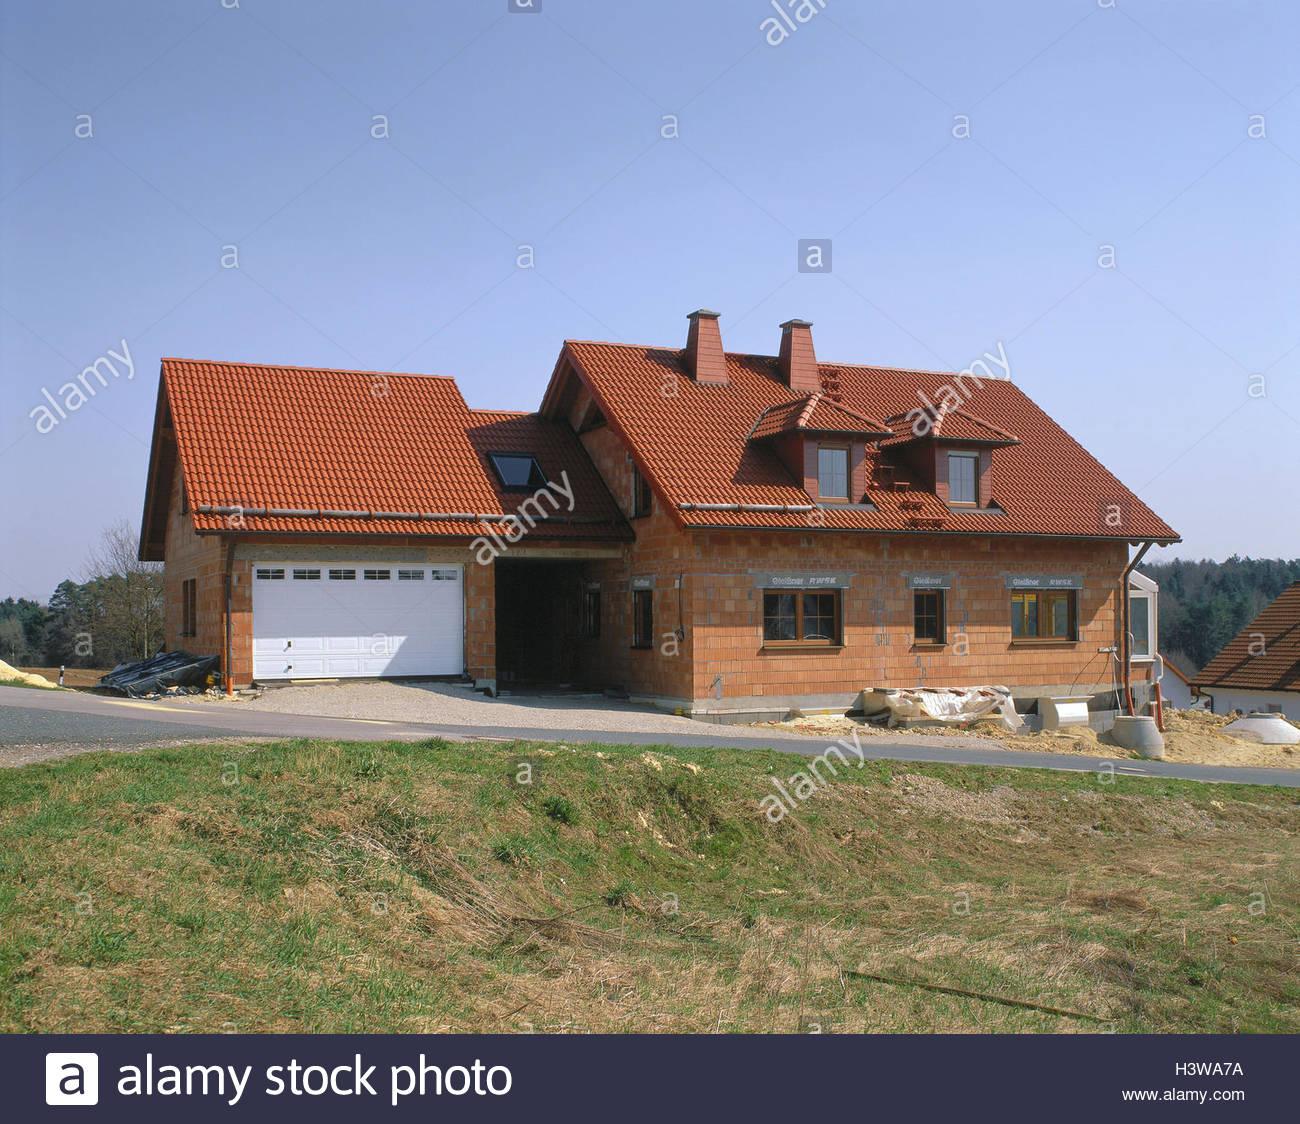 Wohnhaus Bauen einfamilienhaus garage shell haus gebäude haus bau bauen